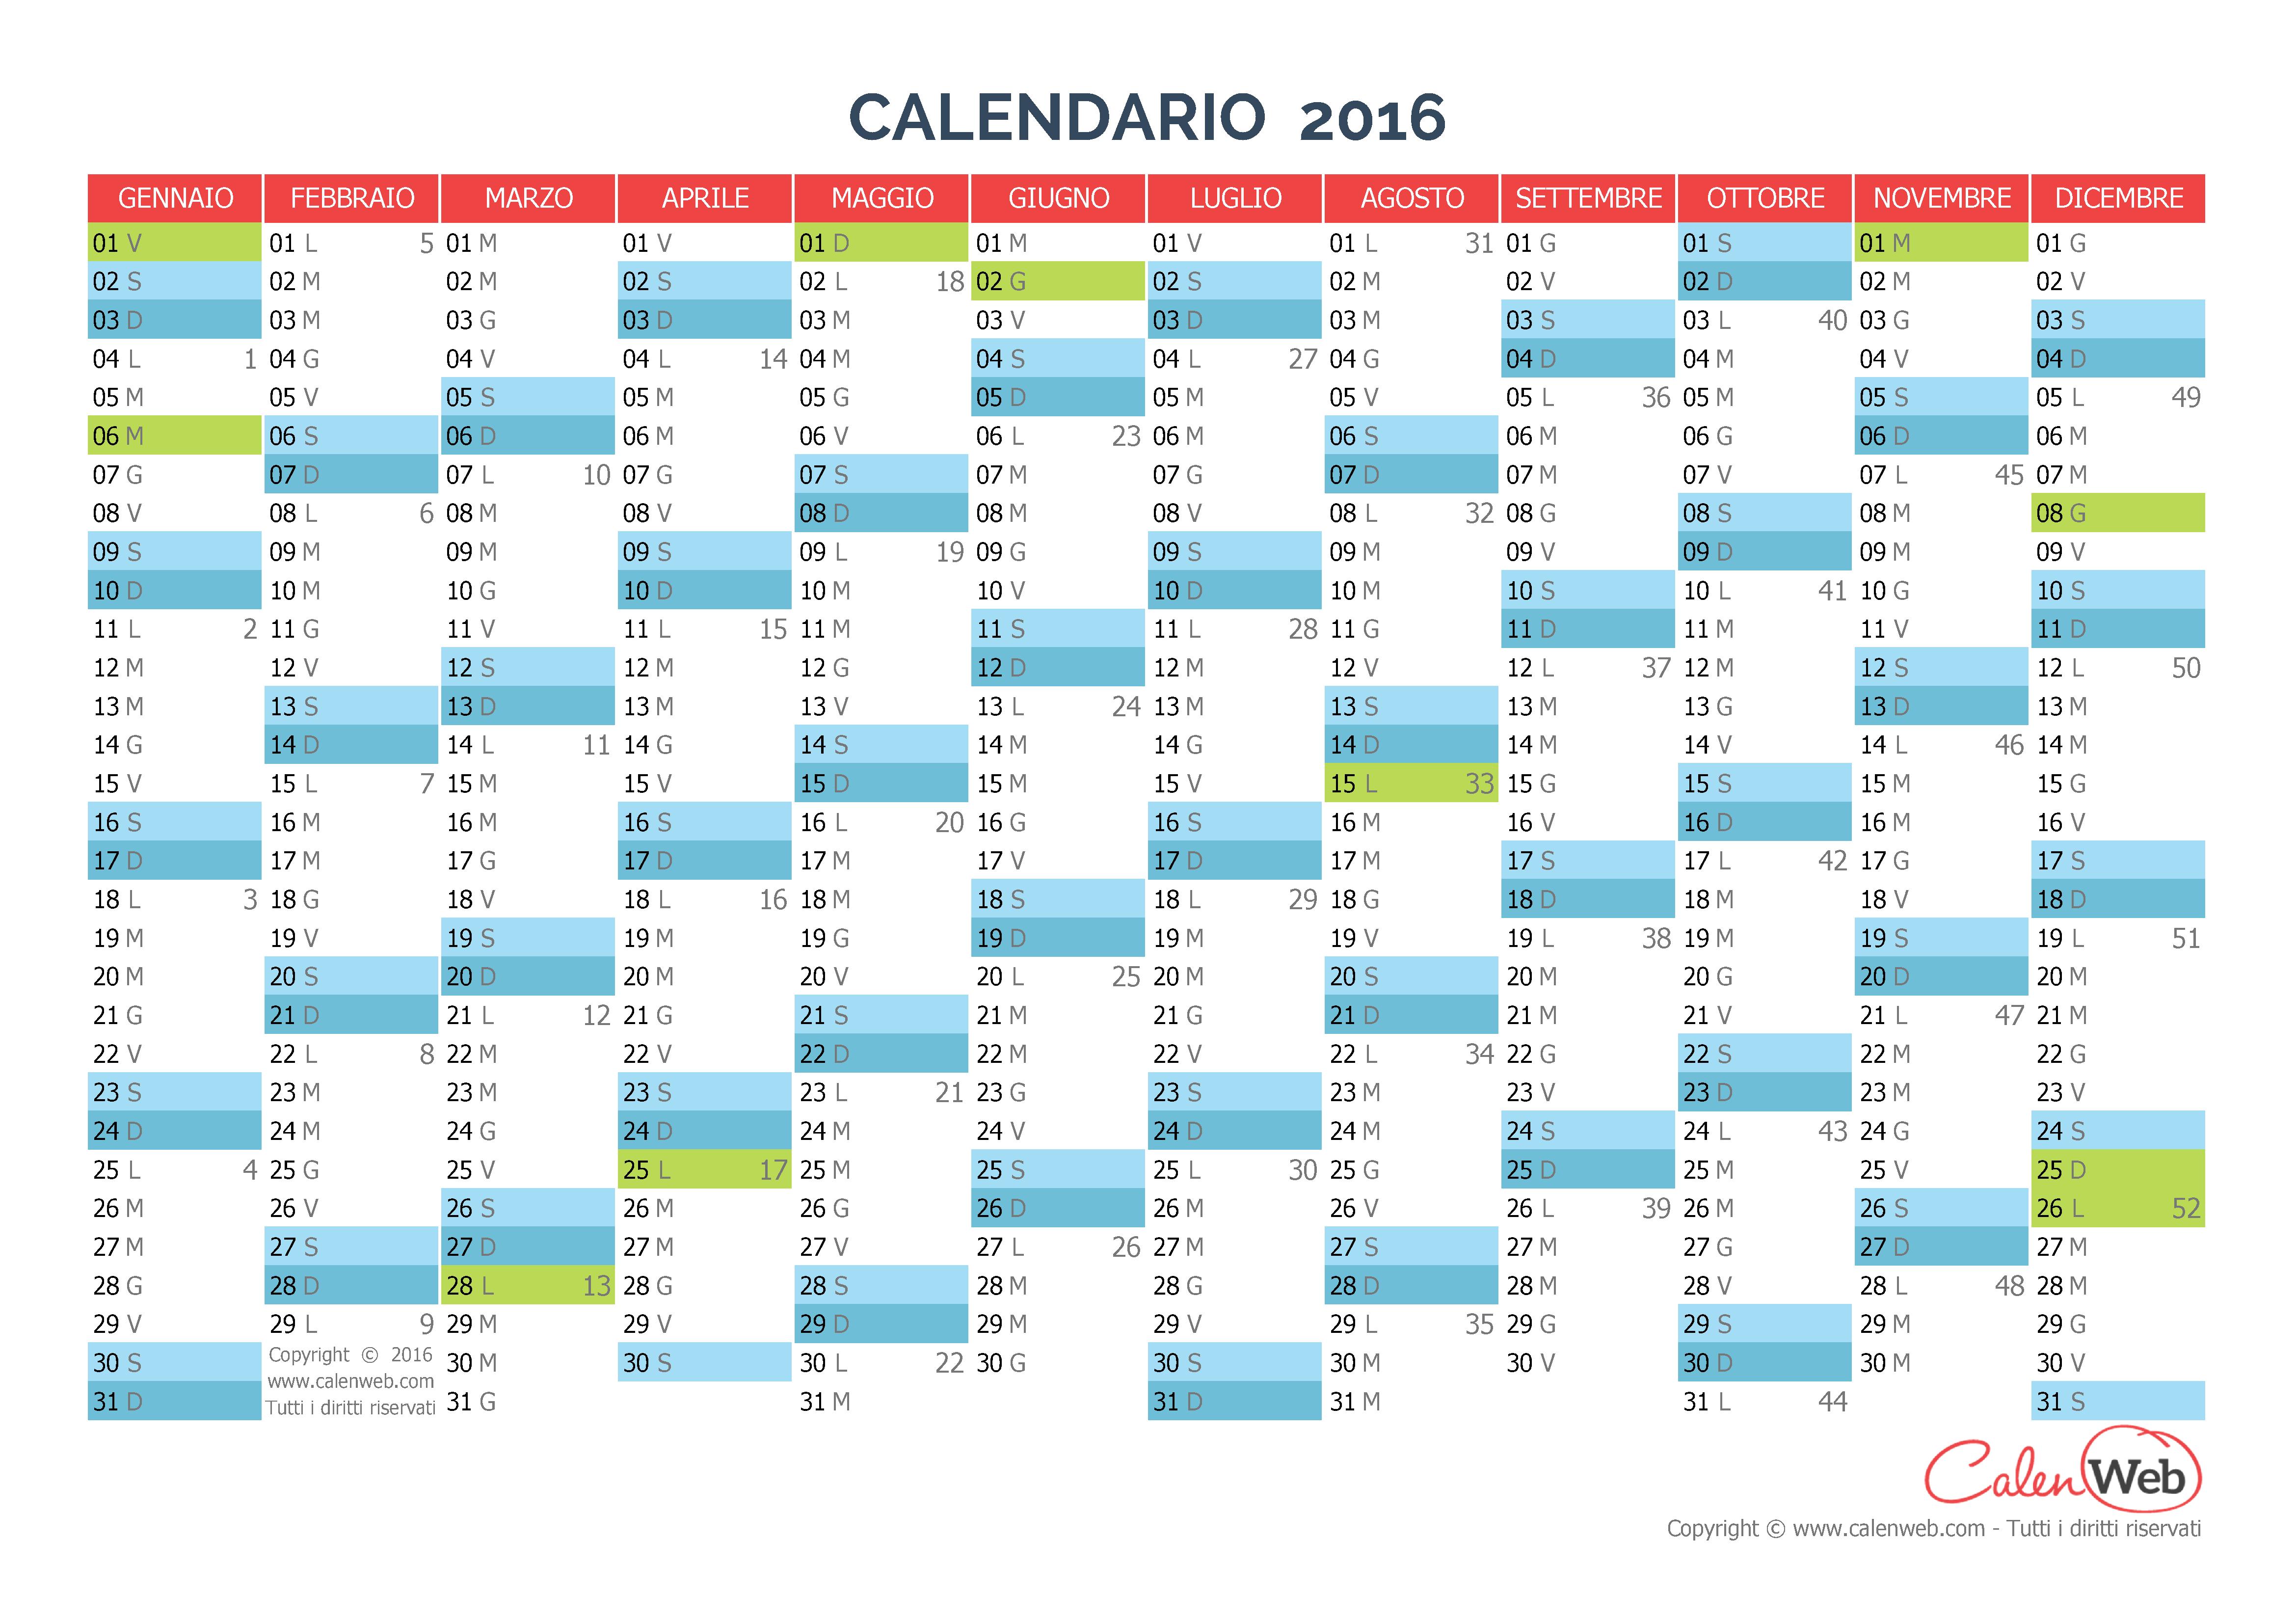 Calendario annuale - Anno 2016 con le festività italiane - Calenweb ...